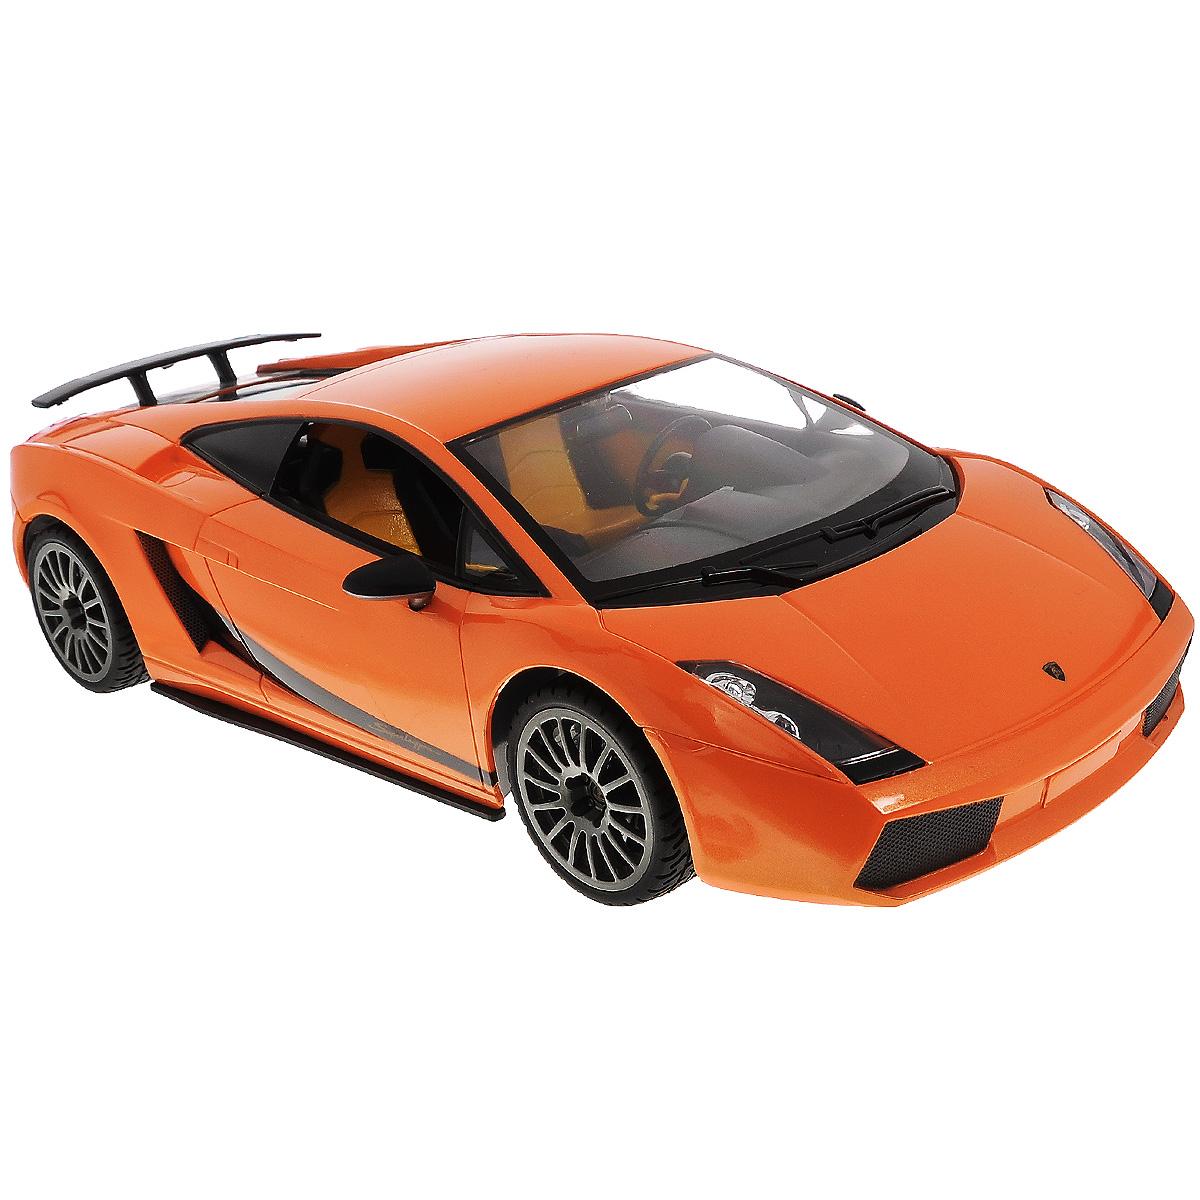 Rastar Радиоуправляемая модель Lamborghini Superleggera цвет оранжевый масштаб 1:1426400Маленький гонщик, несомненно, обрадуется подарку в виде шикарной радиоуправляемой машины. Ребенок вмиг разберется с управлением, пульт довольно прост в освоении, после чего сразу же устроит пробный заезд, а после тестового испытания начнет выжимать из мотора этого стального скакуна максимальную скорость.